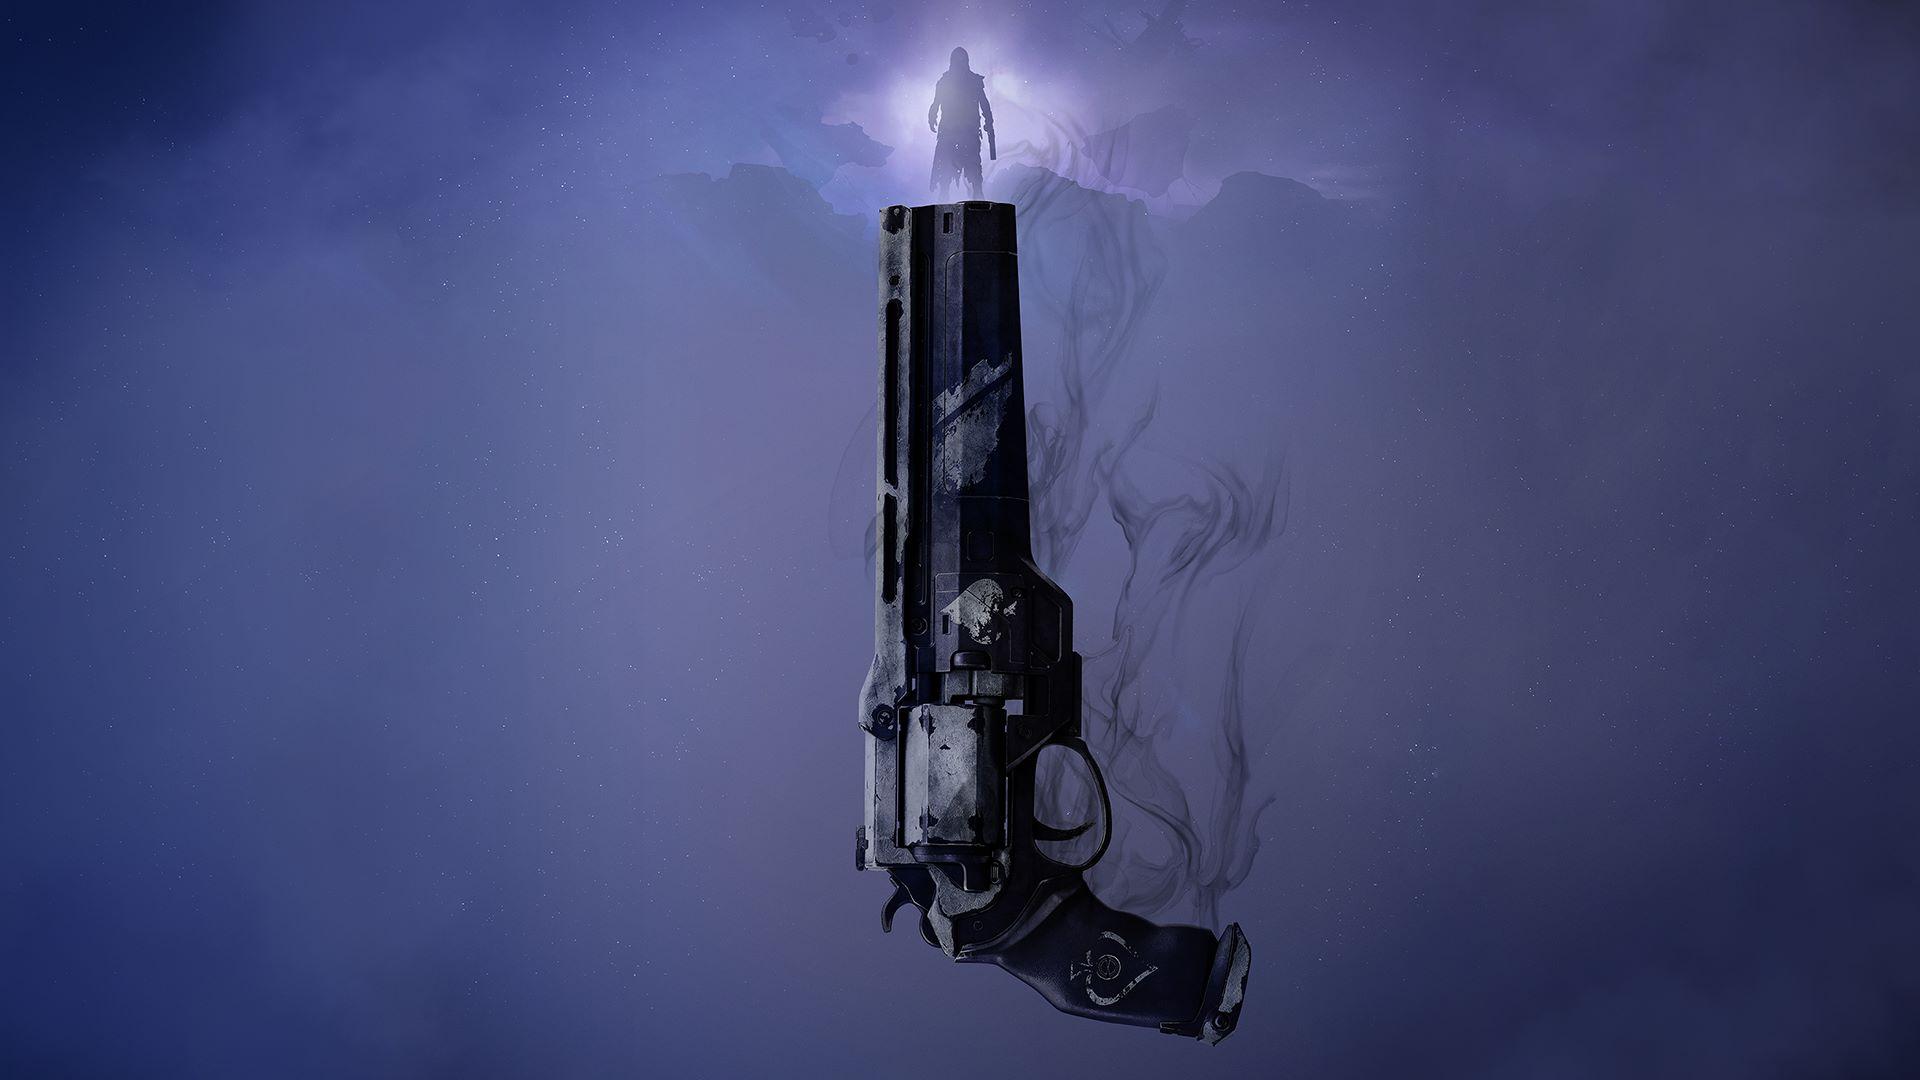 e05ffcf7e16 Buy Destiny 2  Forsaken - Digital Deluxe Edition - Microsoft Store en-CA